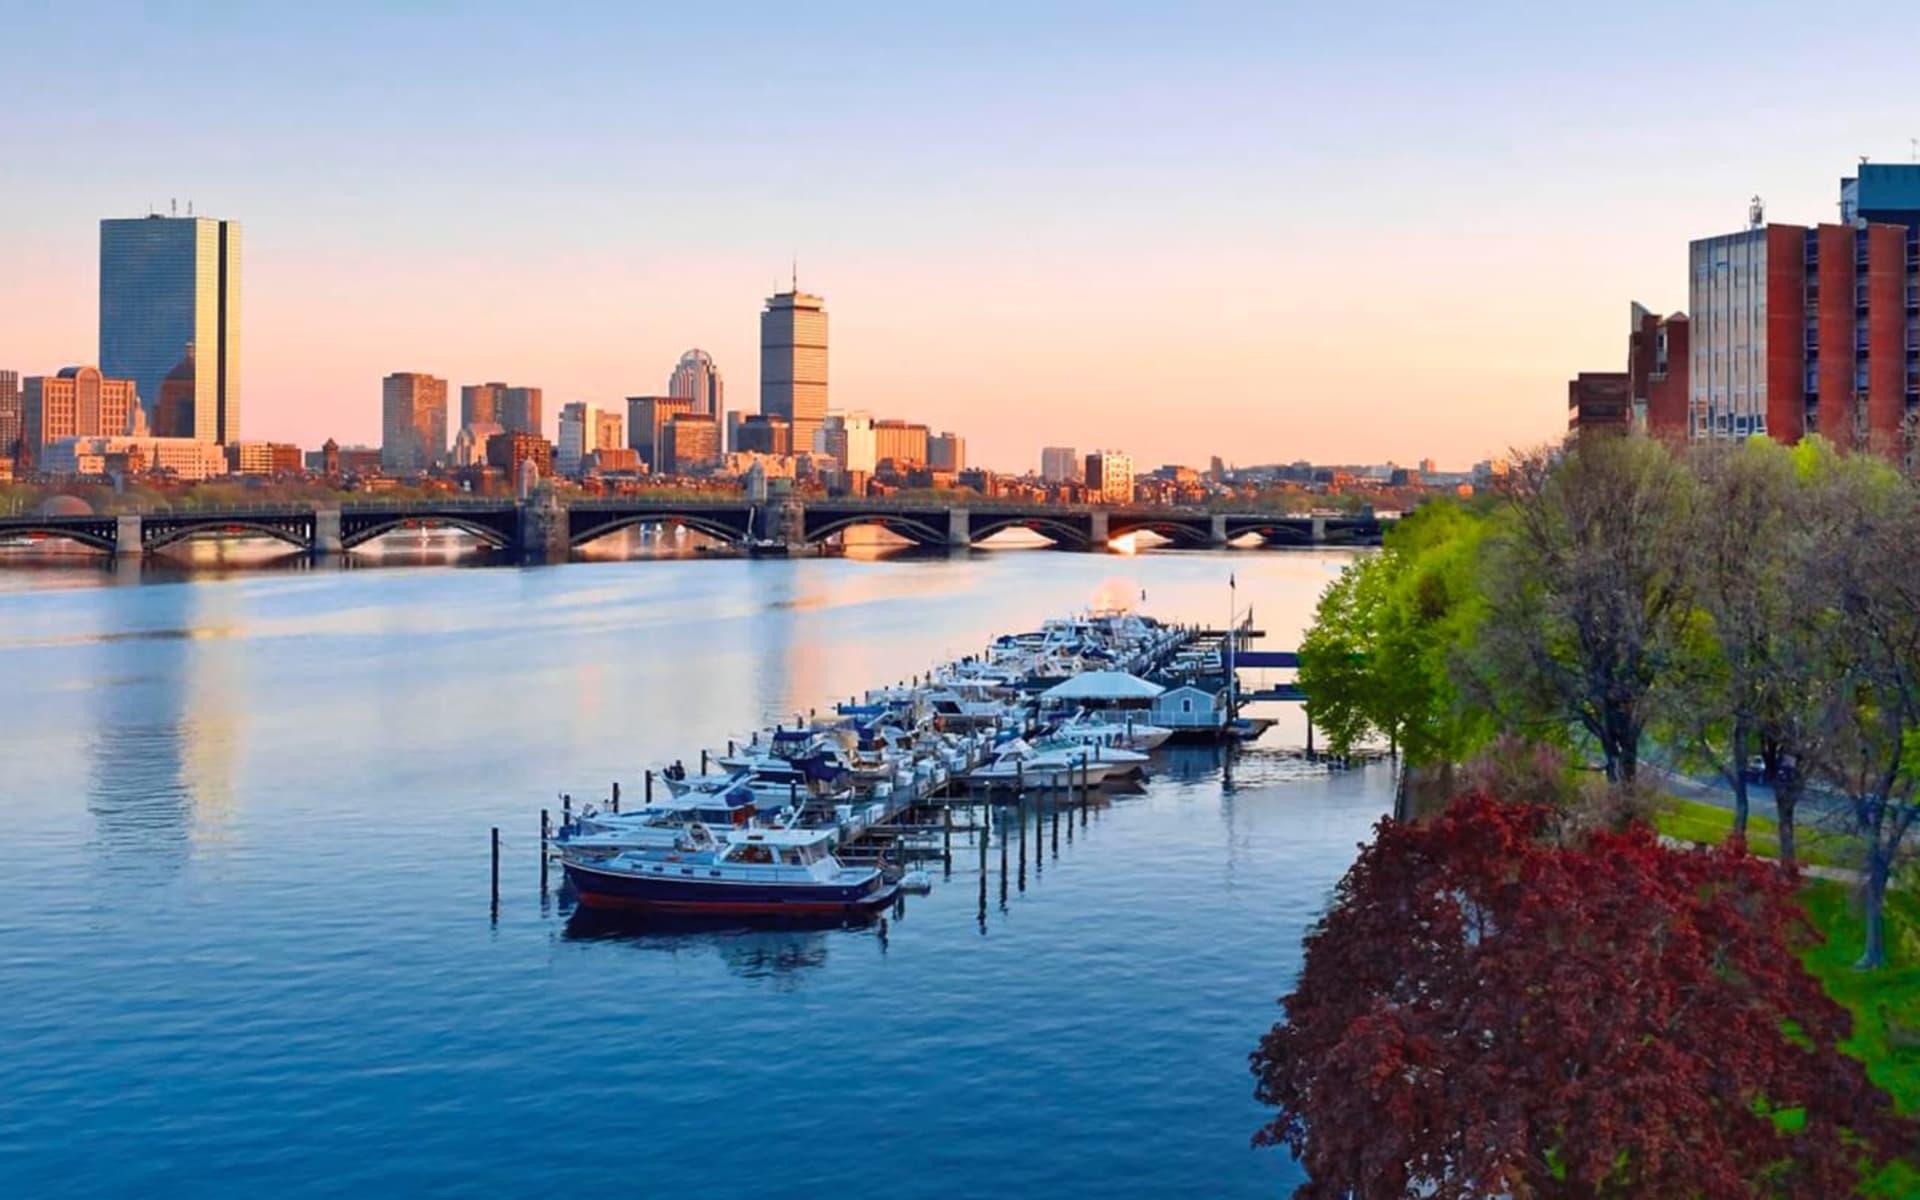 Royal Sonesta Boston in Cambridge:  Royal Sonesta Boston - River View